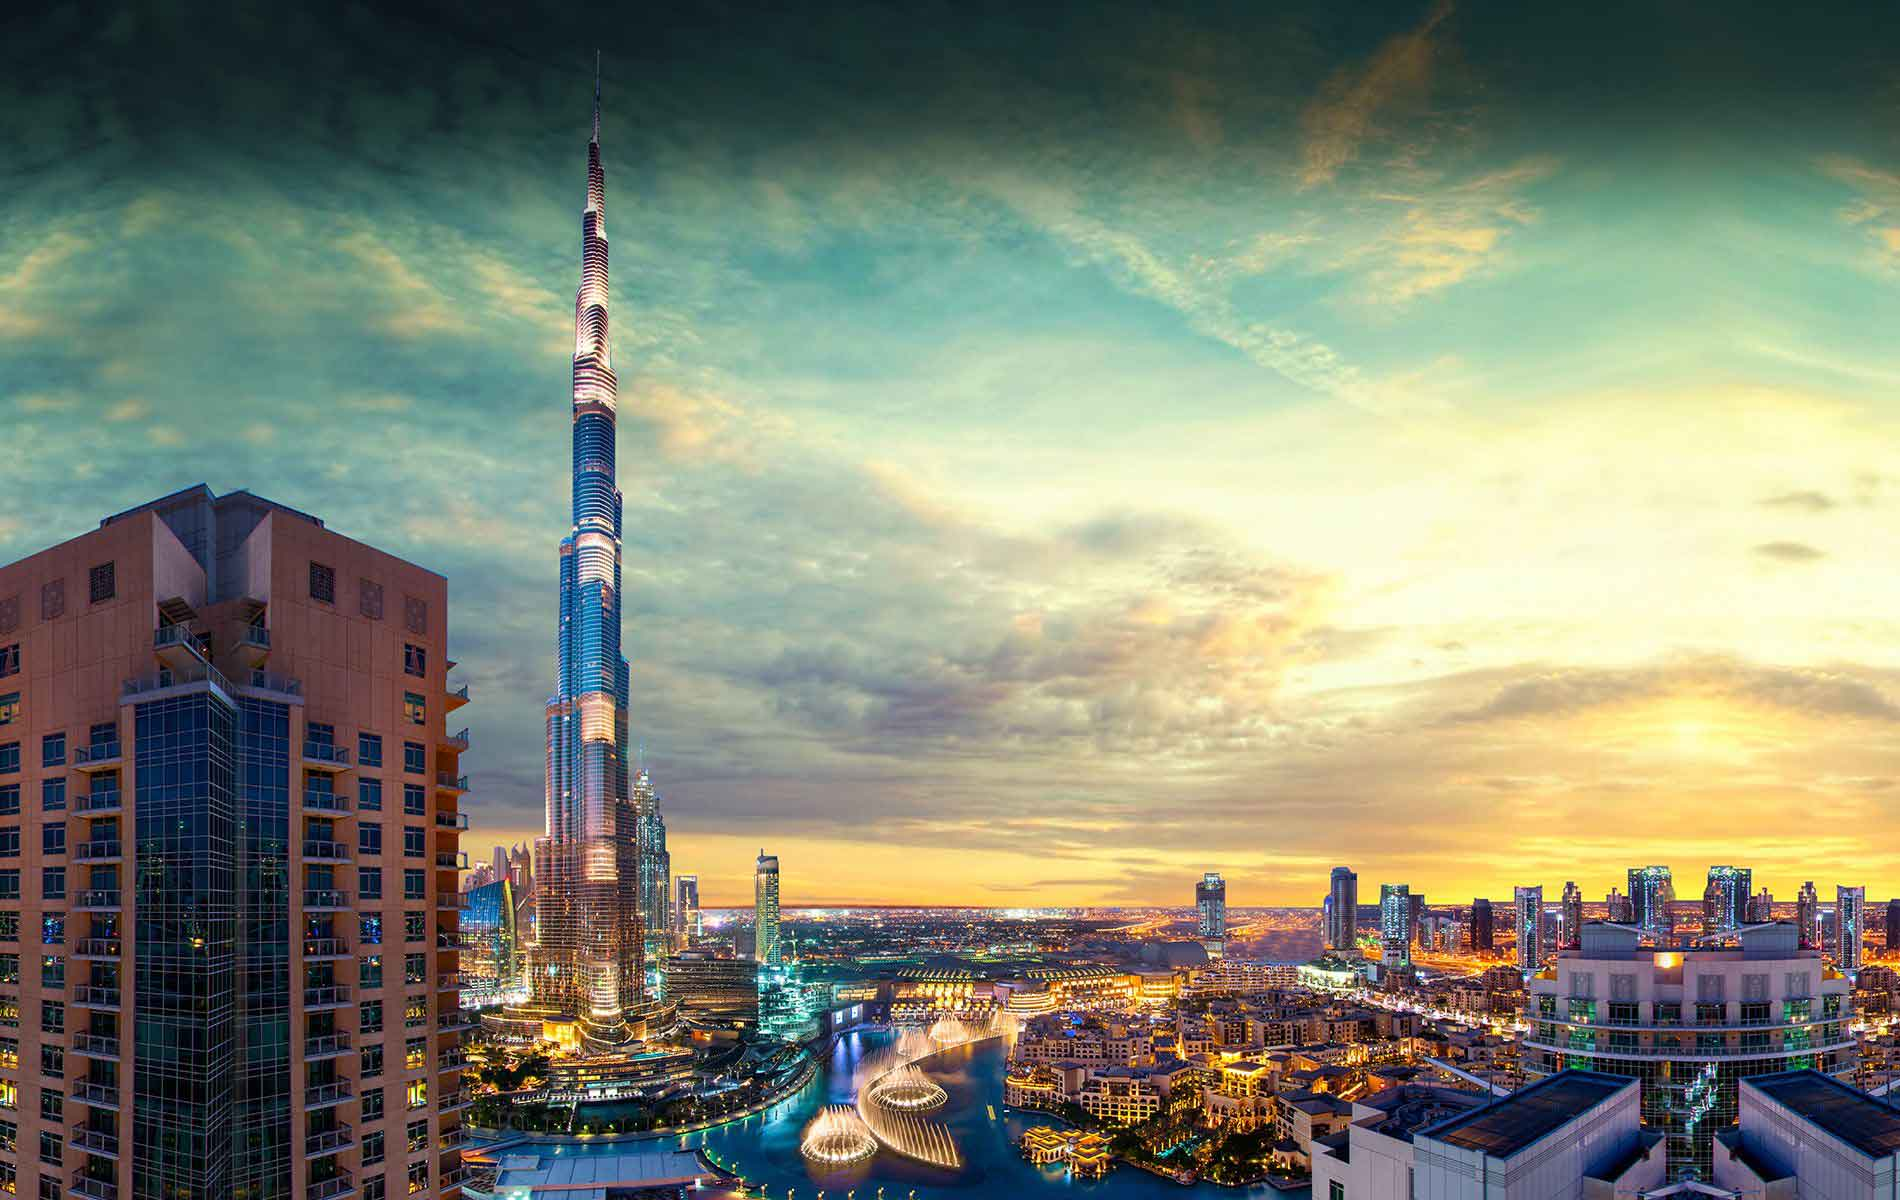 3.14 ملايين زائر في دبي بنهاية فبراير بنمو 3%